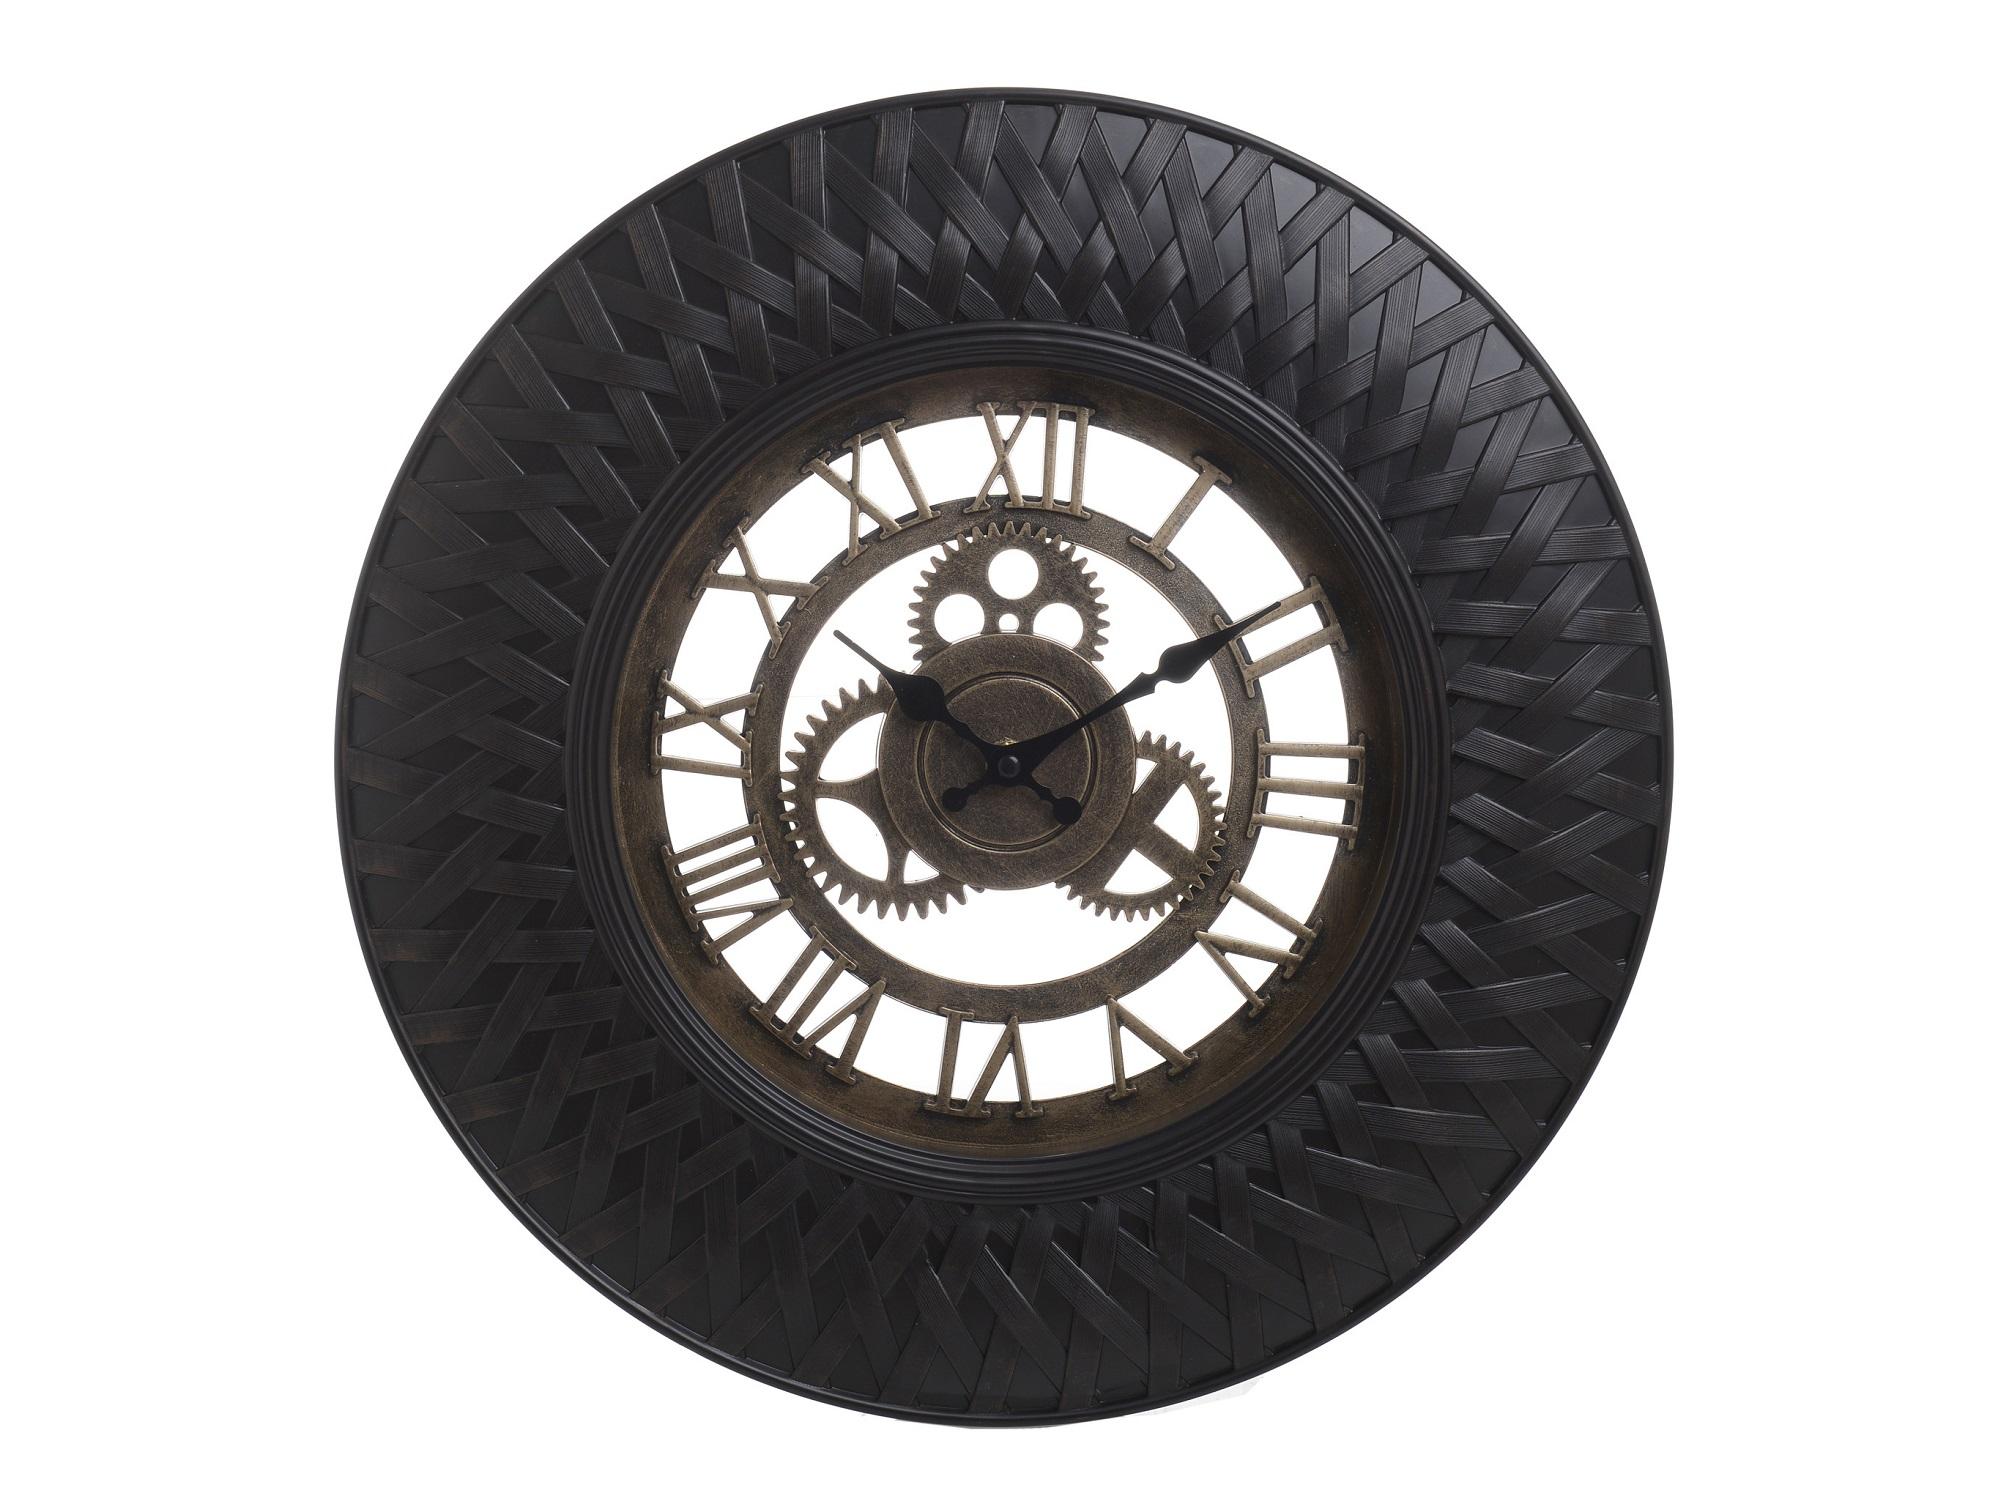 Часы настенные IsraelНастенные часы<br>Кварцевый механизм<br><br>Material: Полистоун<br>Глубина см: 4.0